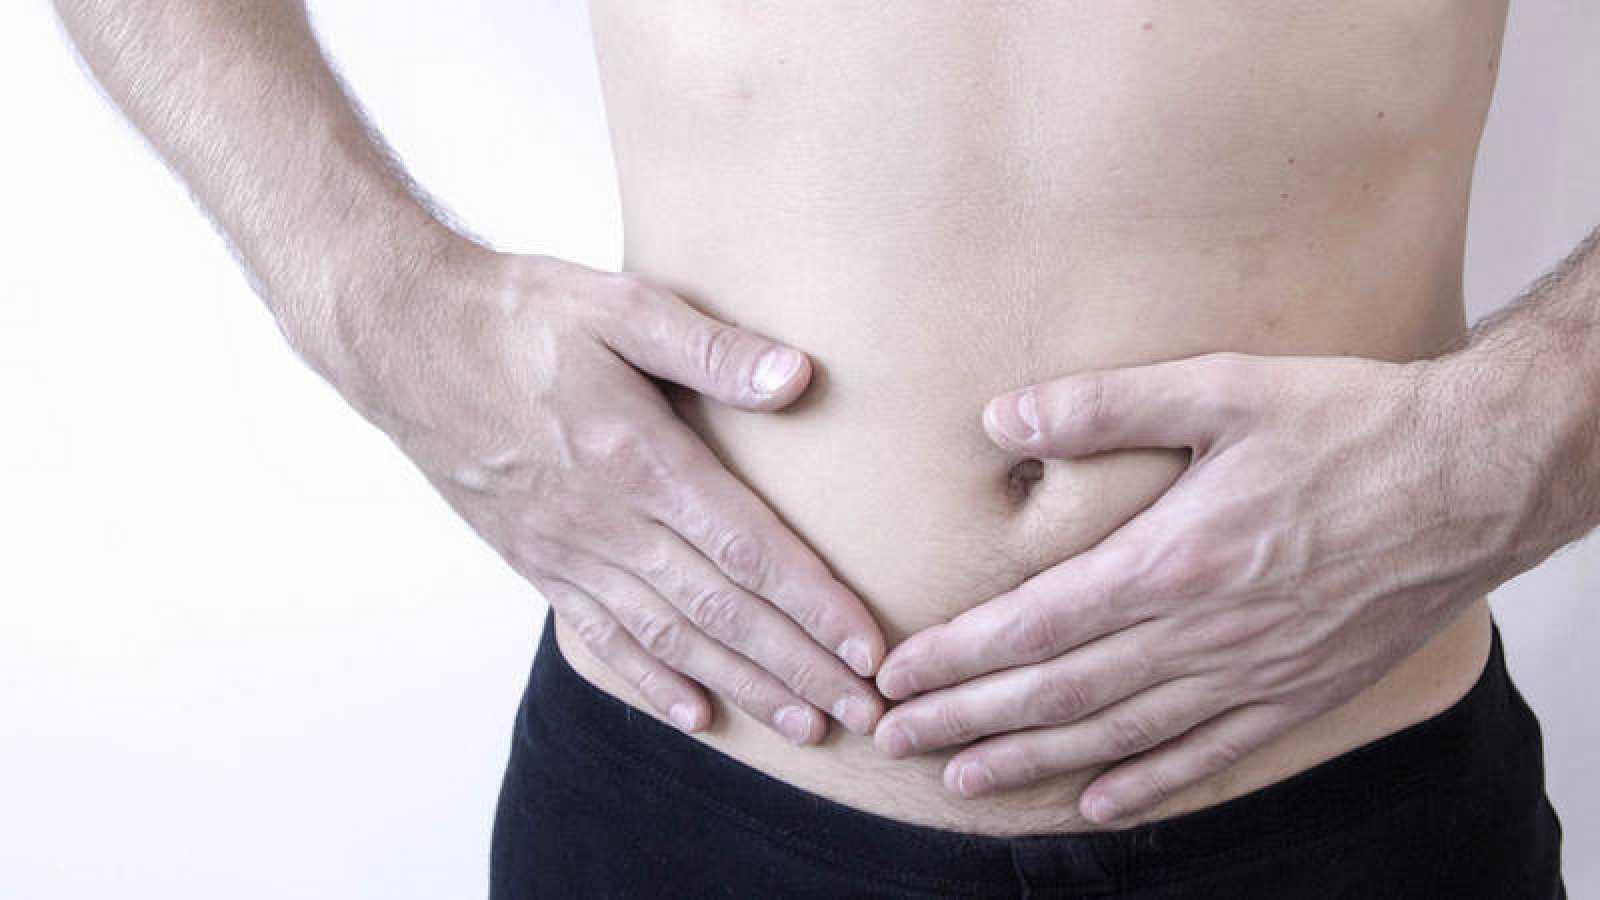 Un nuevo estudio concluye que la apendicectomía aminora las posibilidades de padecer párkinson.